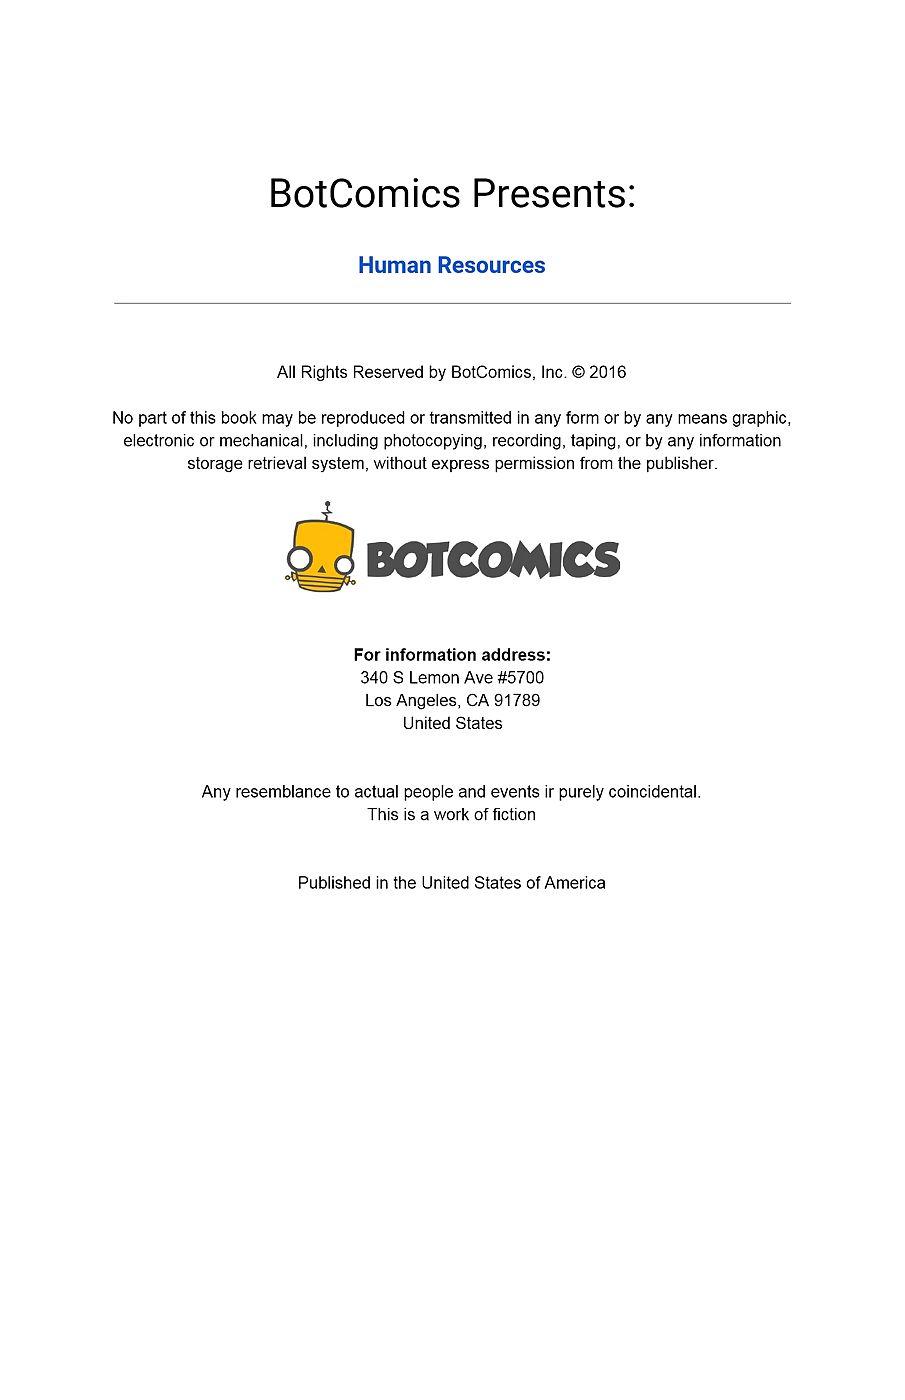 Bot- Human Resources